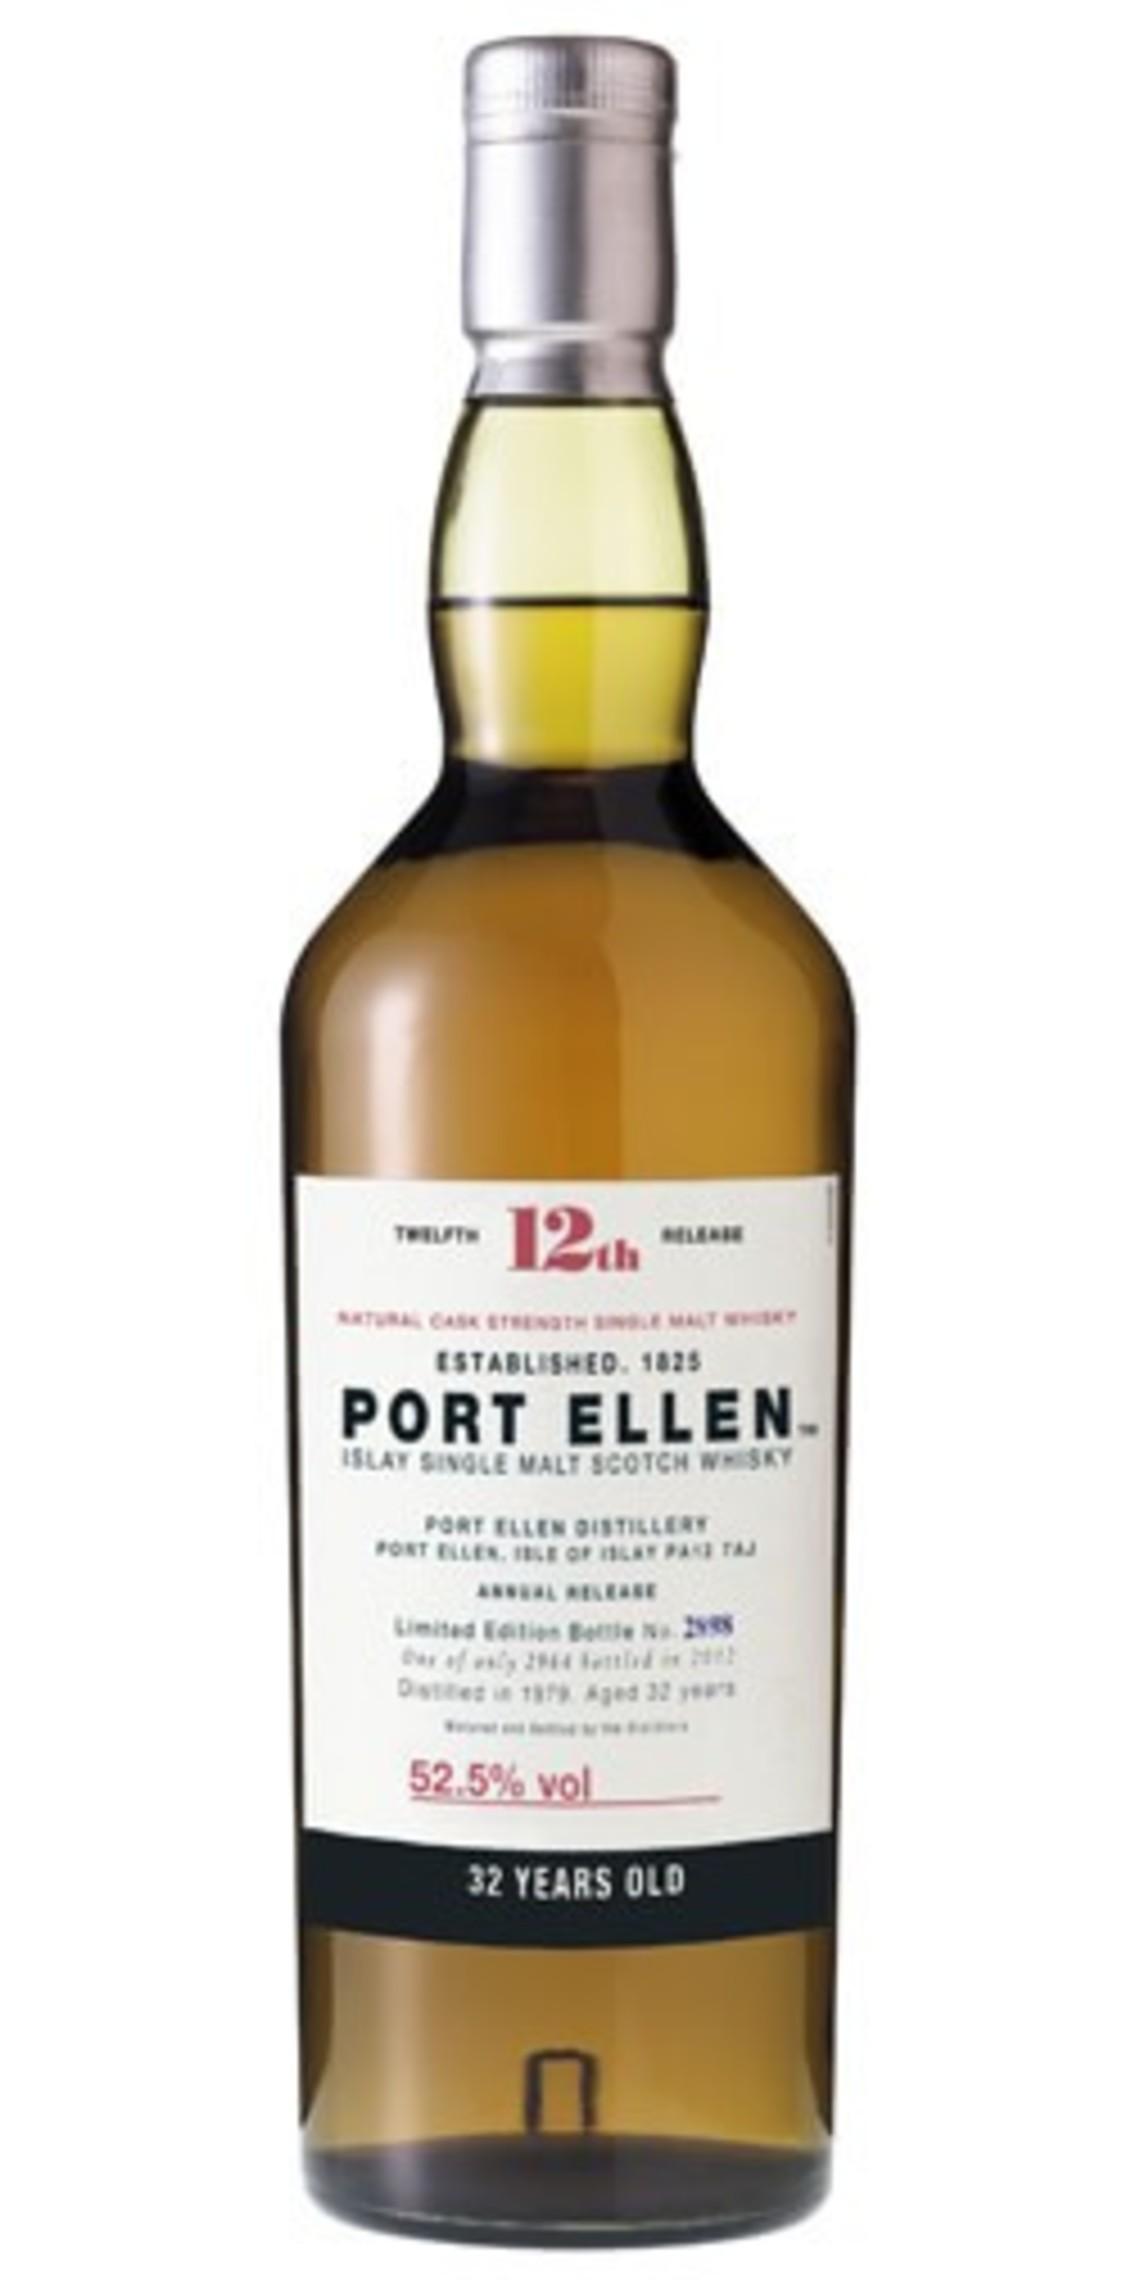 Port Ellen 12th